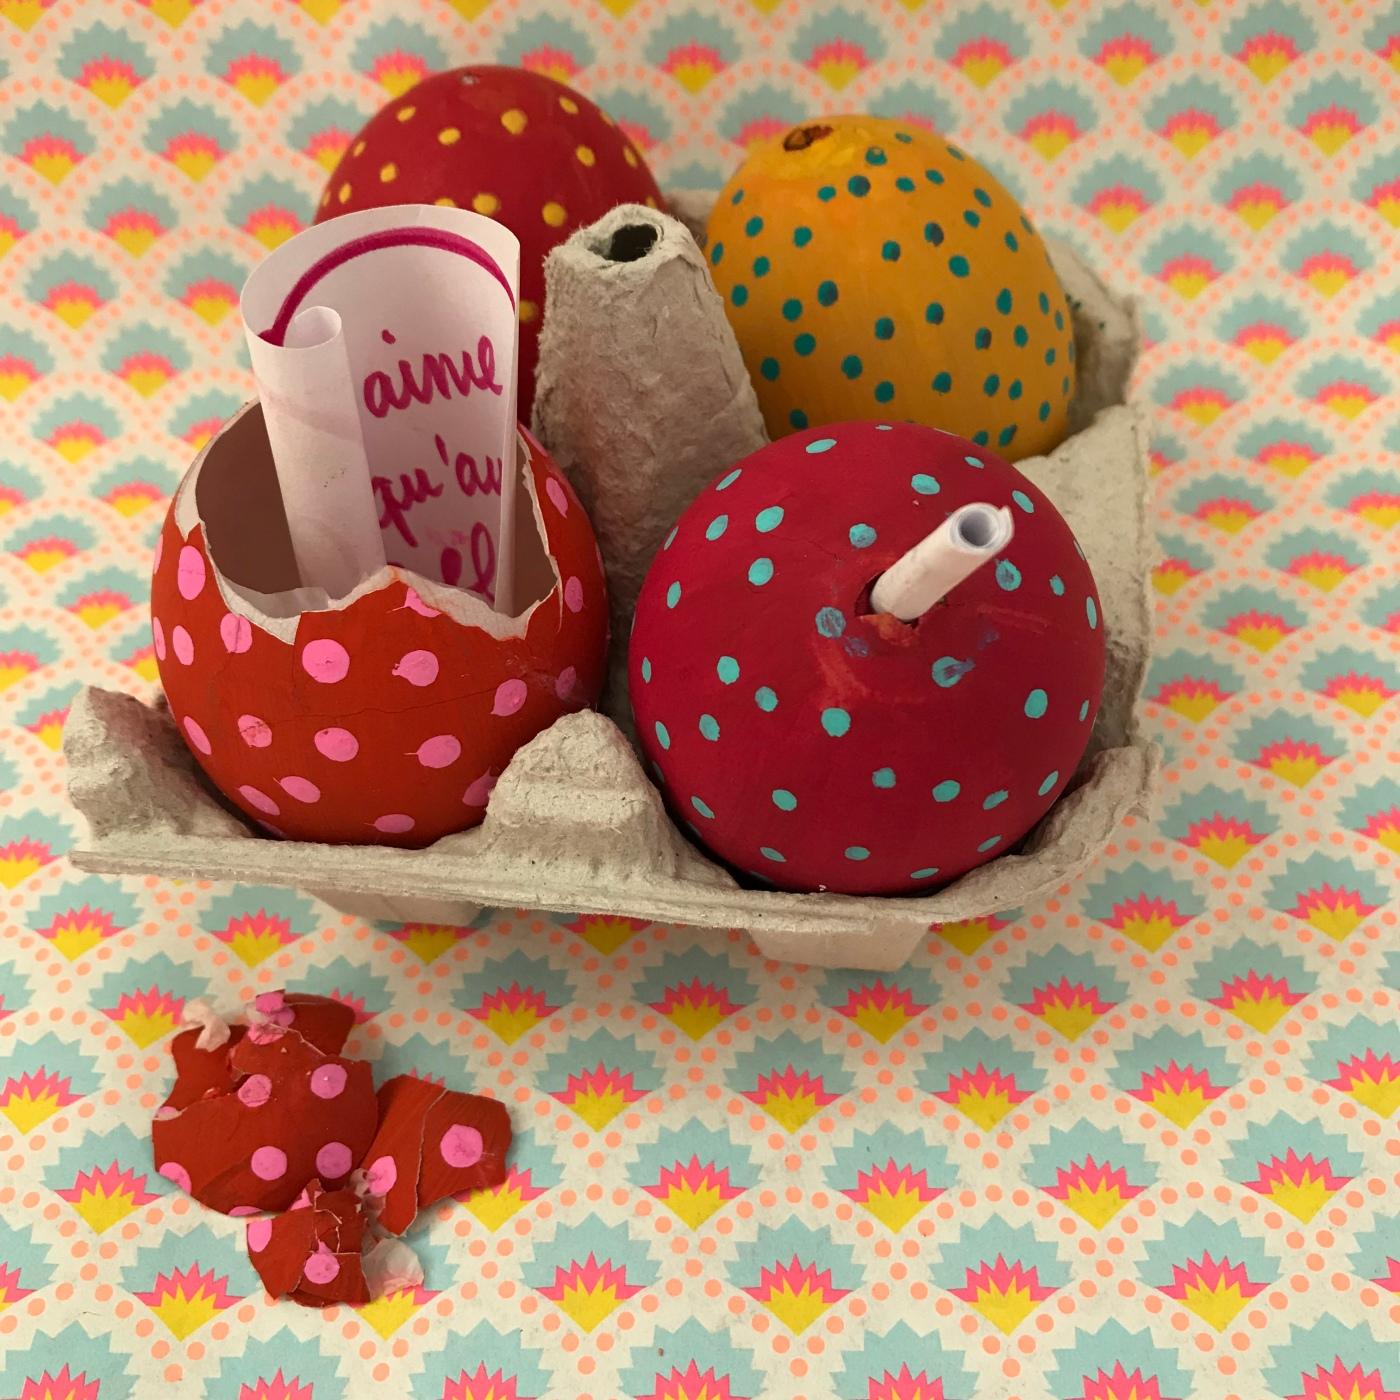 Message dans les oeufs de Pâques - diy - craft - bricolage enfant - peinture sur œuf - vider un œuf - Image à la une